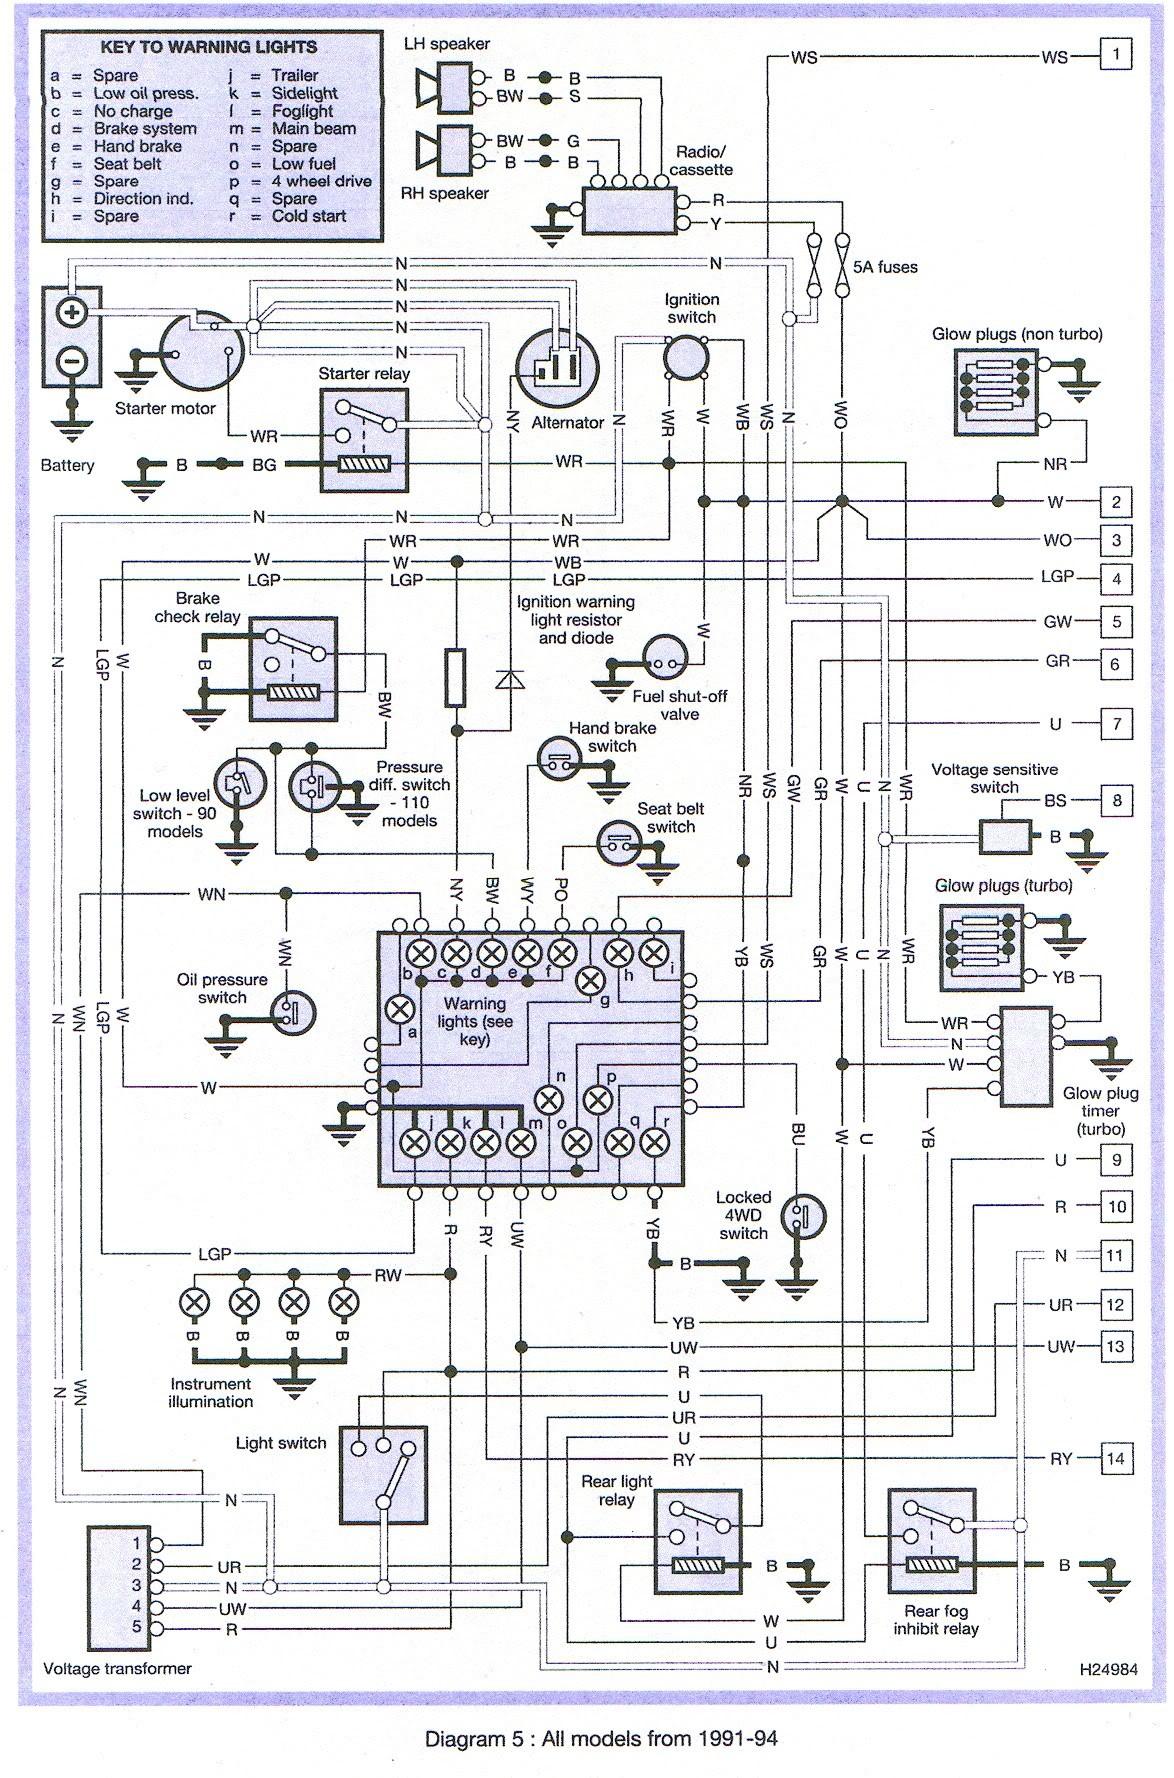 Diagrama Electricio De Land Rover Discovery 2003 Diagram] Land Rover Lights Wiring Diagram Full Version Hd Of Diagrama Electricio De Land Rover Discovery 2003